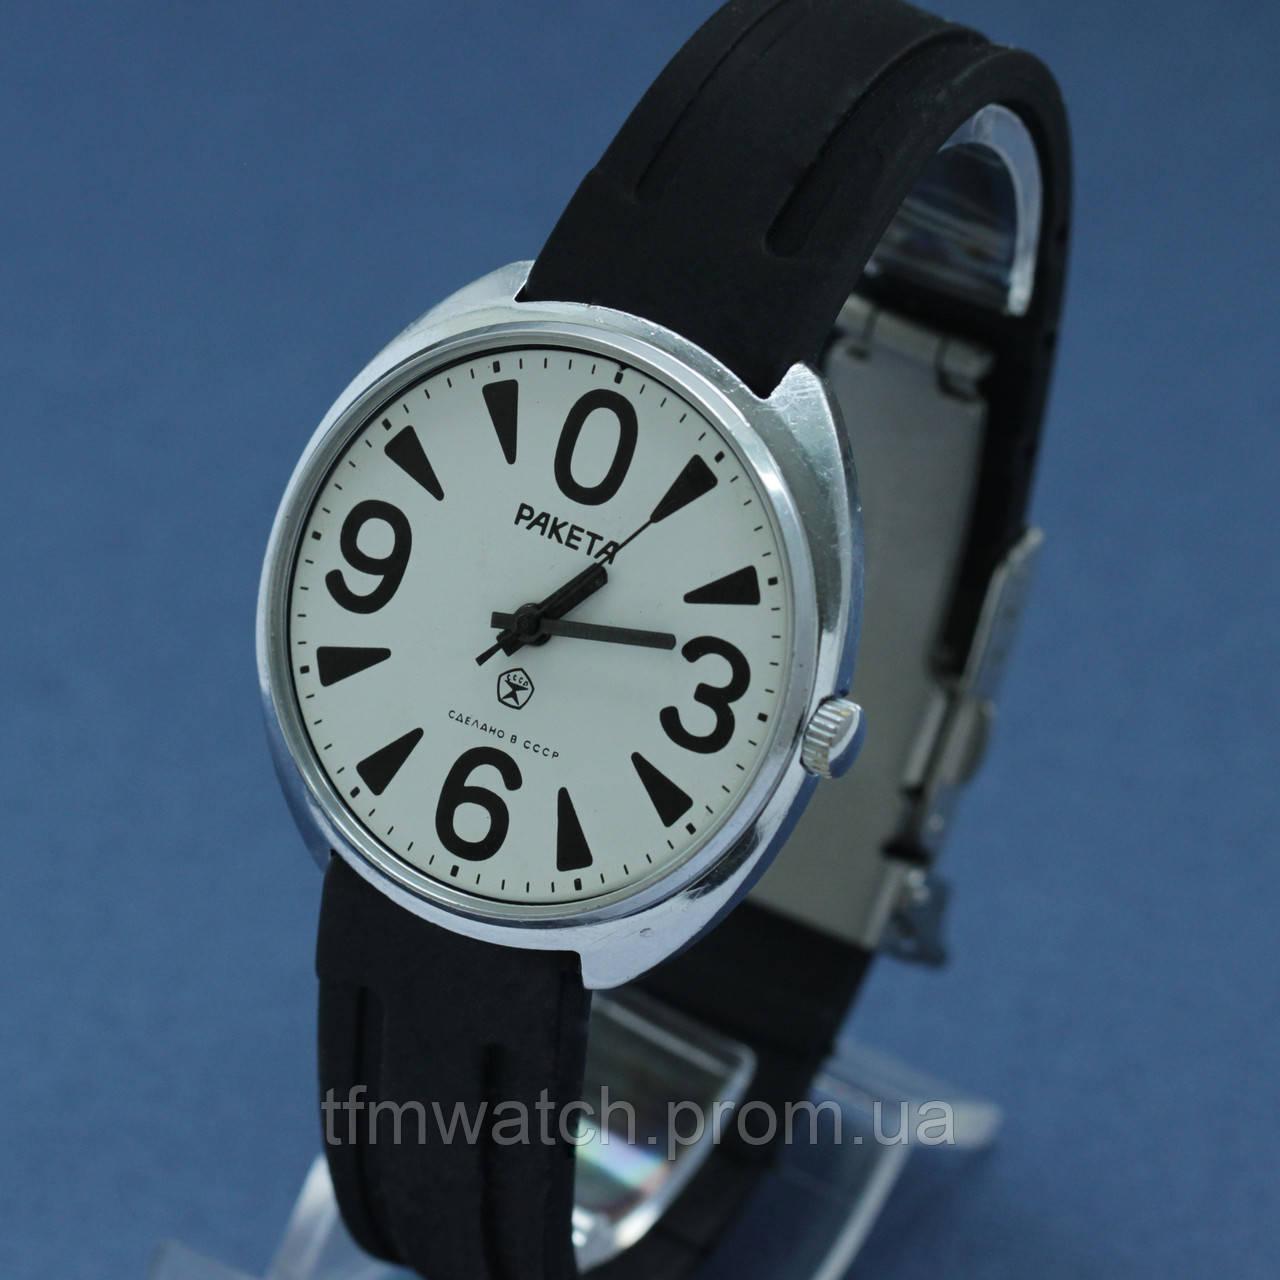 Каталог ссср стоимость часы и зеро ракета часы стоимость водонепроницаемые